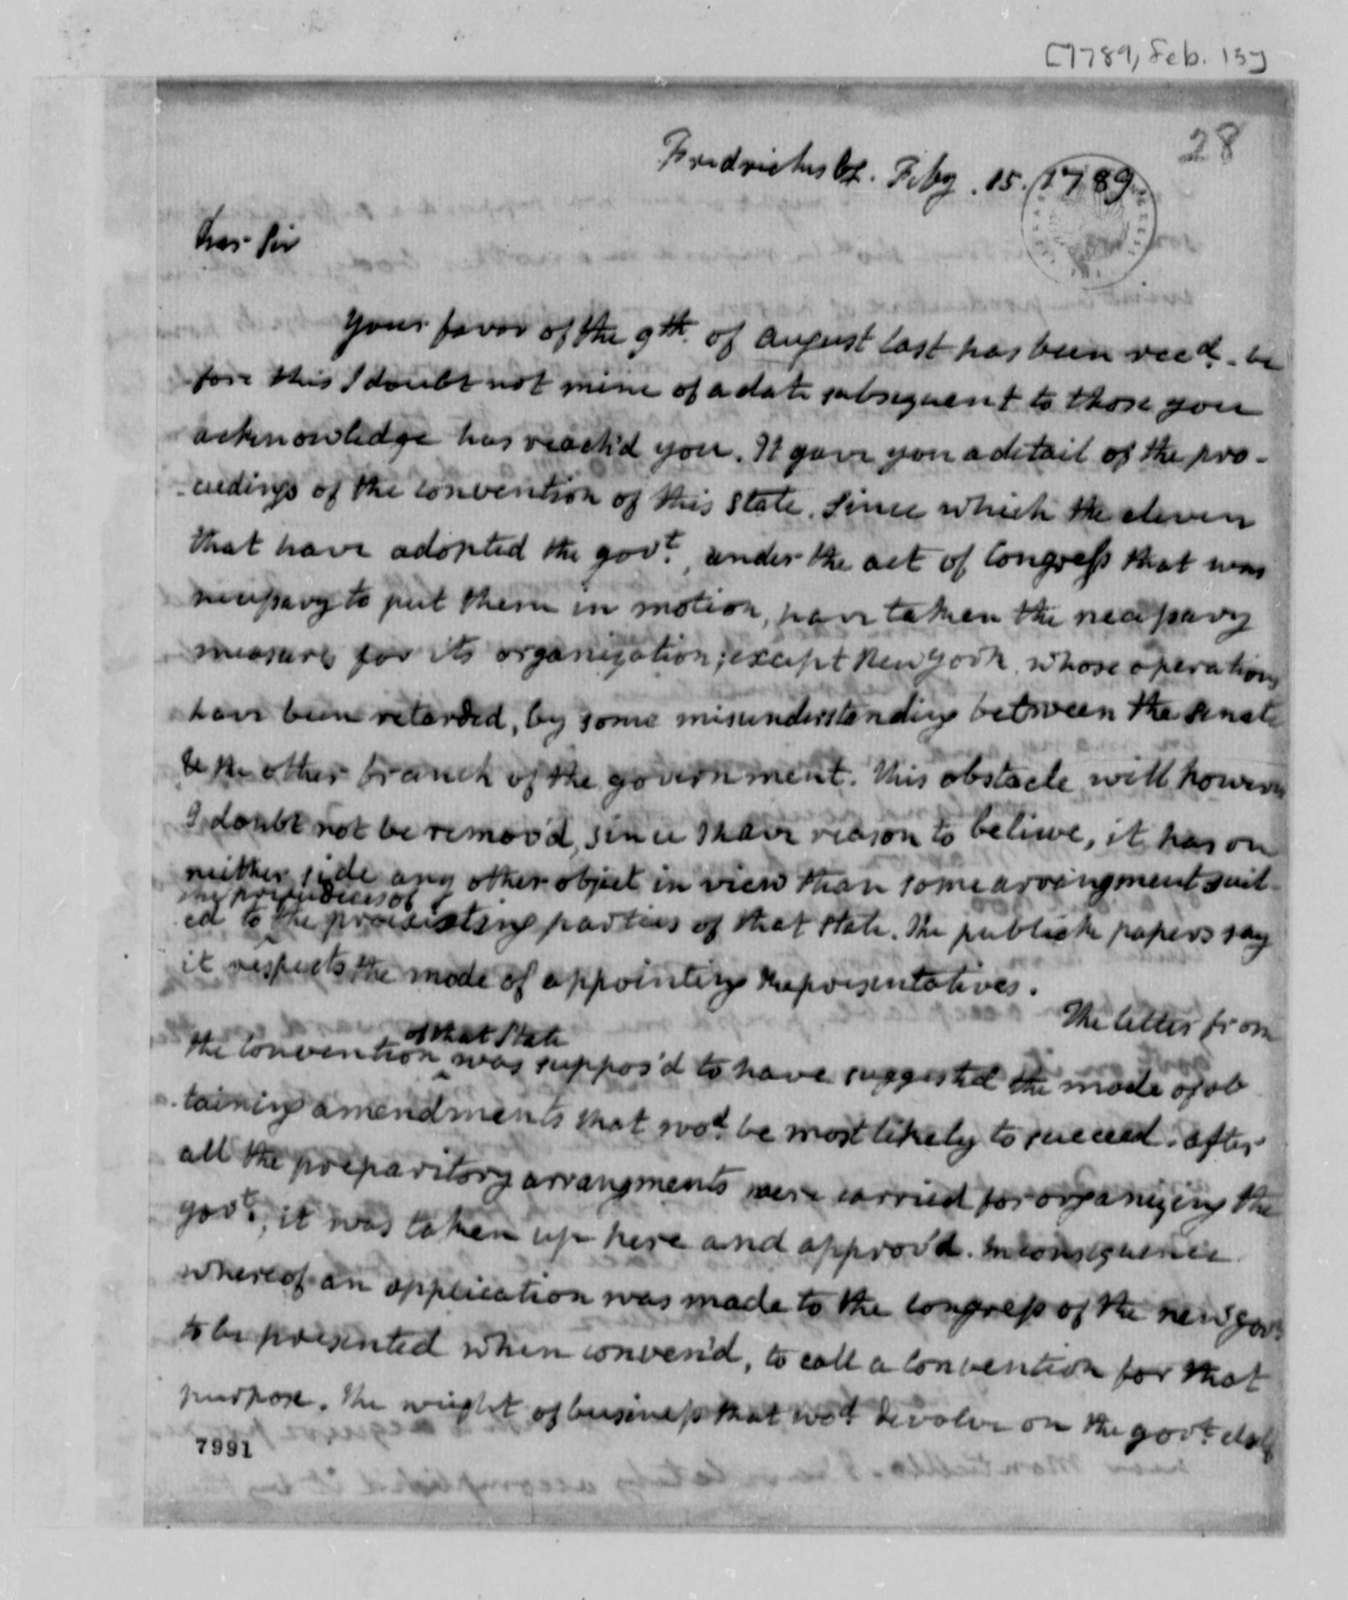 James Monroe to Thomas Jefferson, February 15, 1789